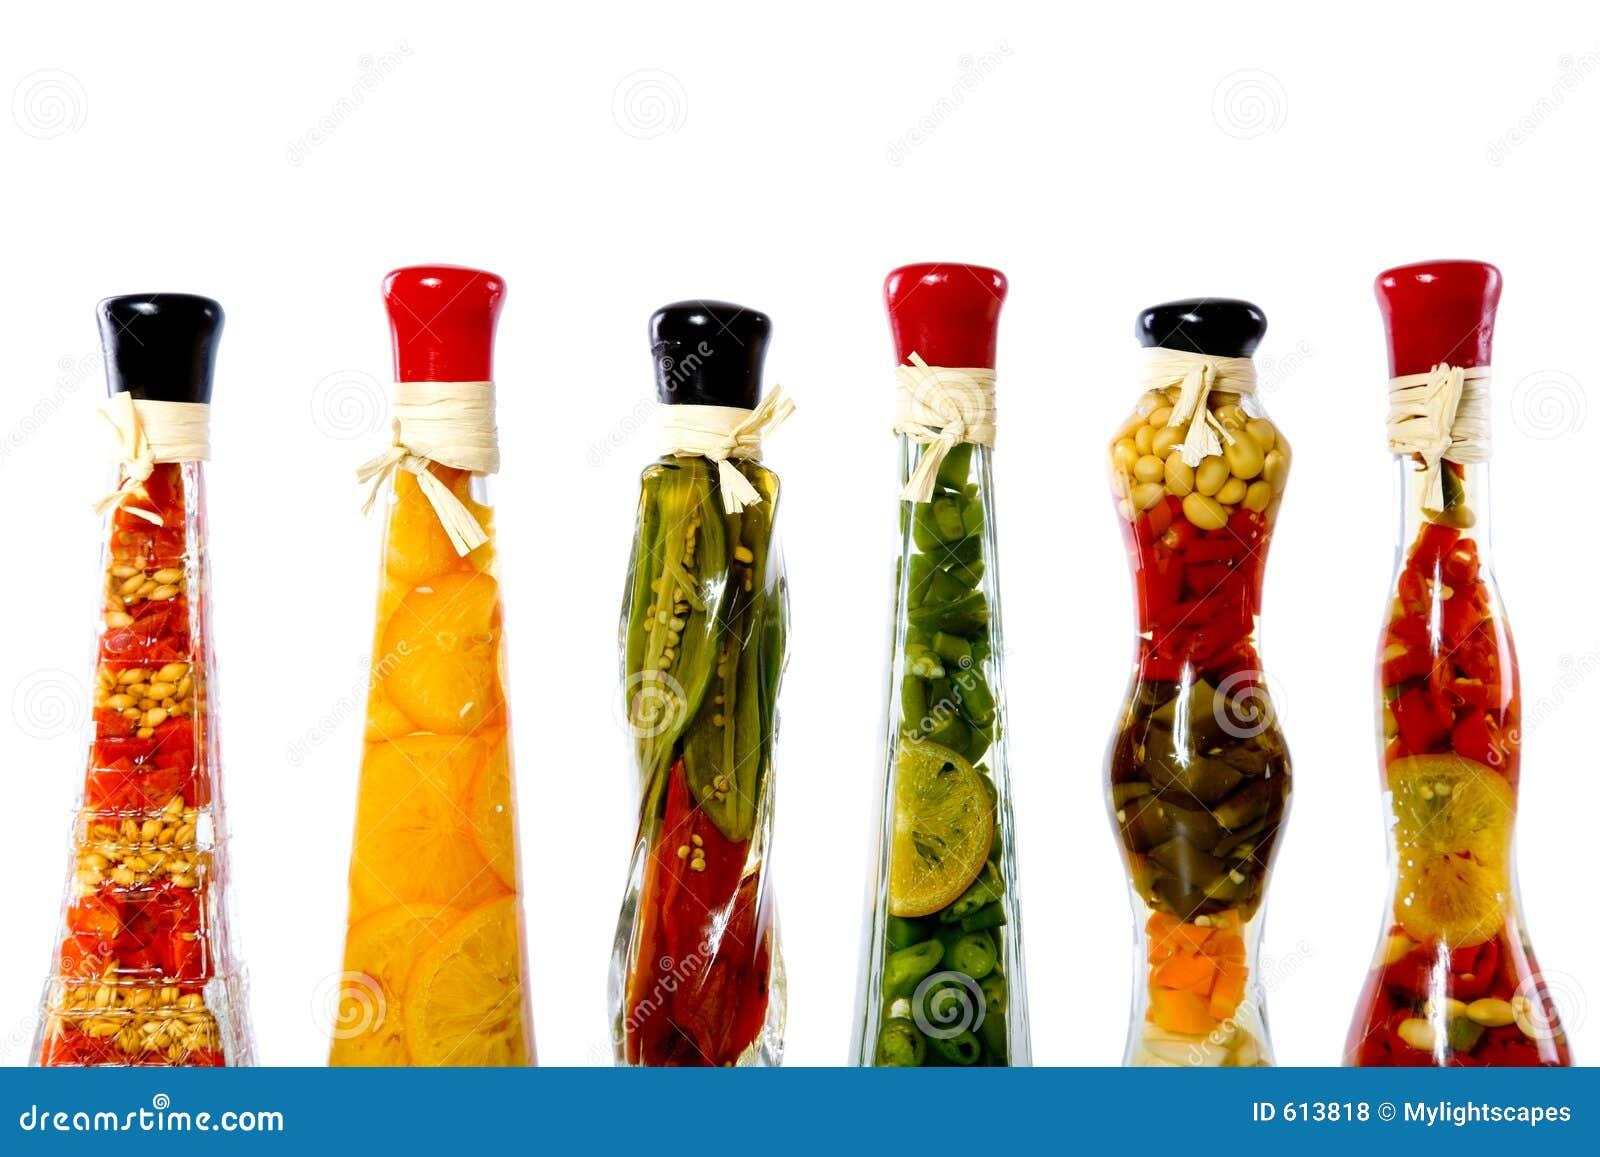 Ornamental bottles - Bottle Bottles Colorful Decorative